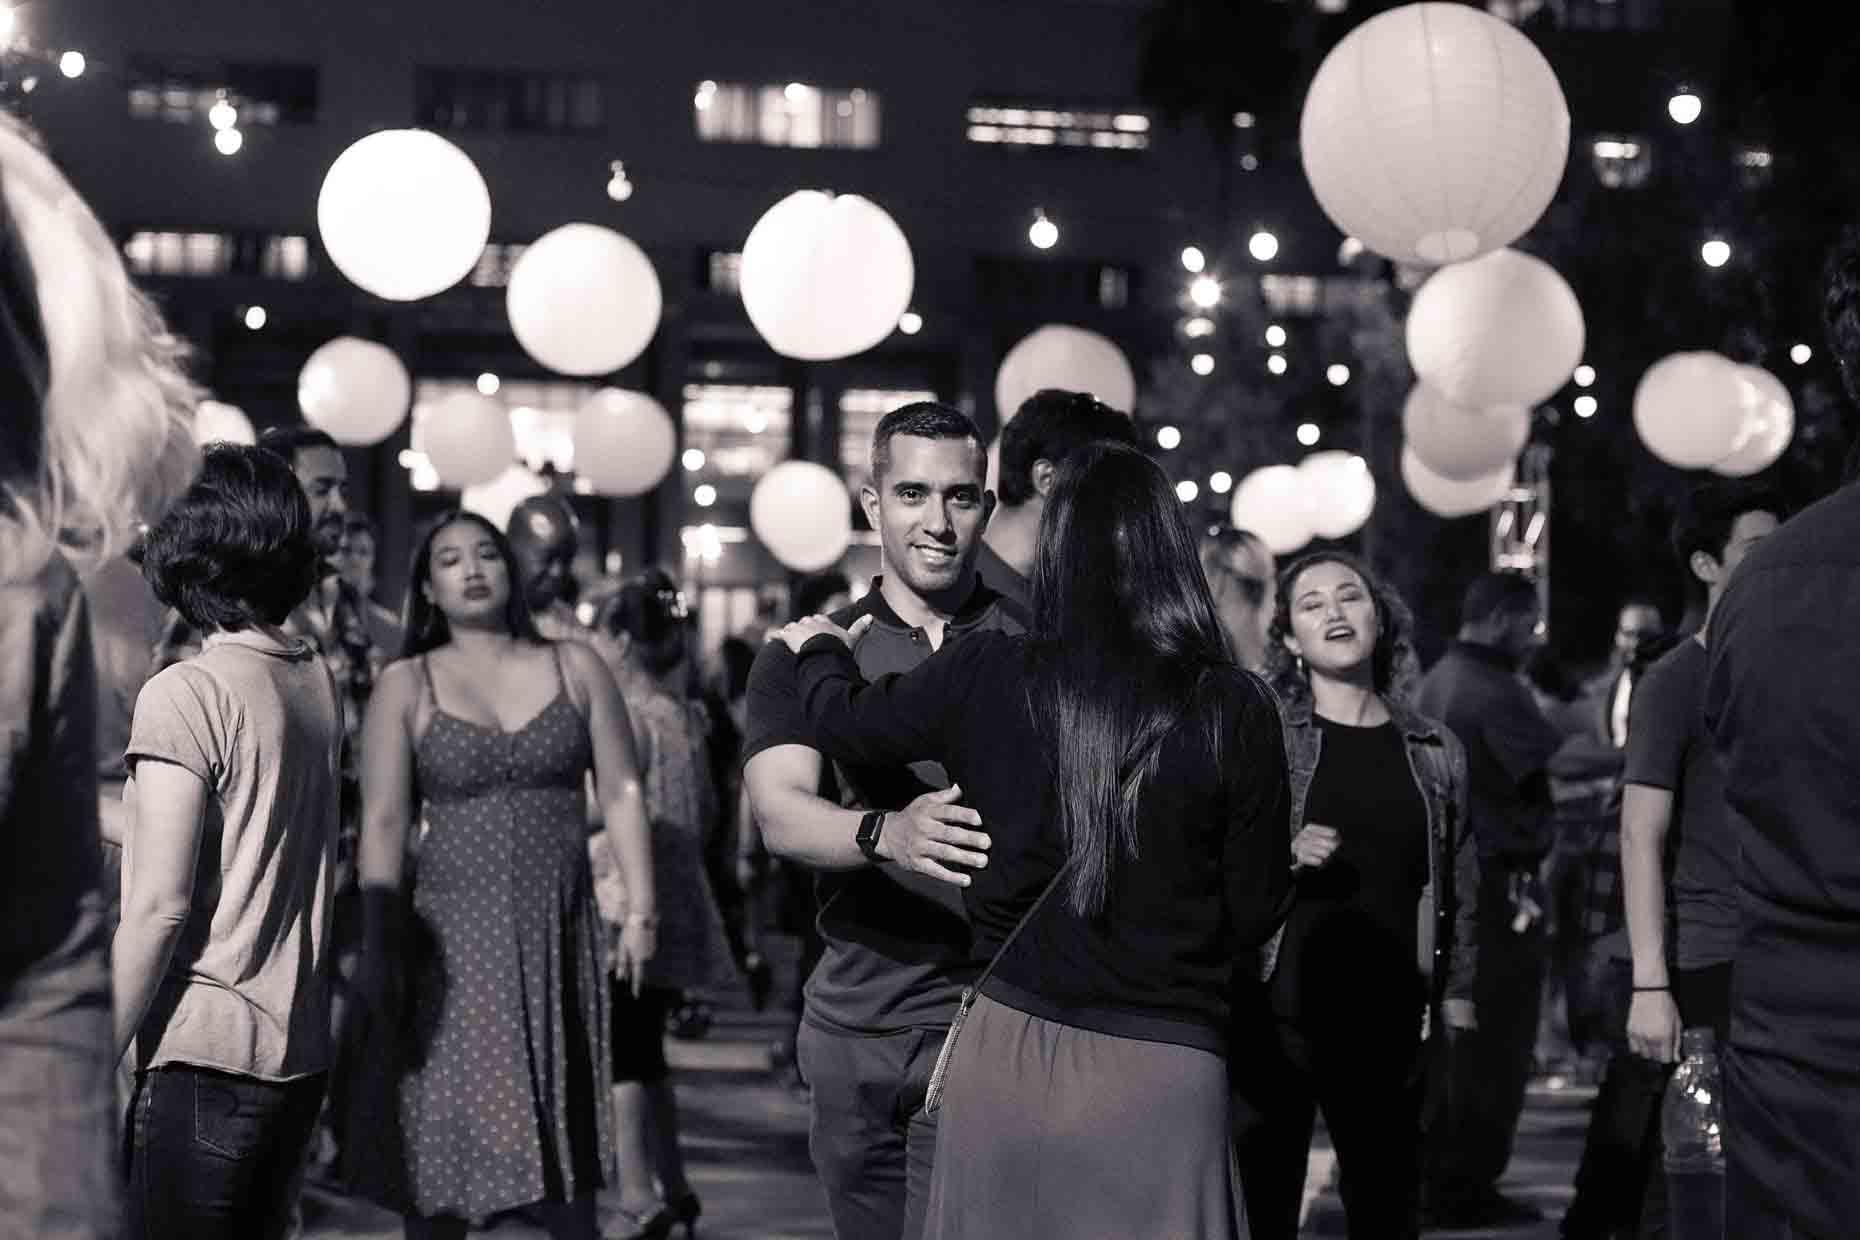 Dancing 19